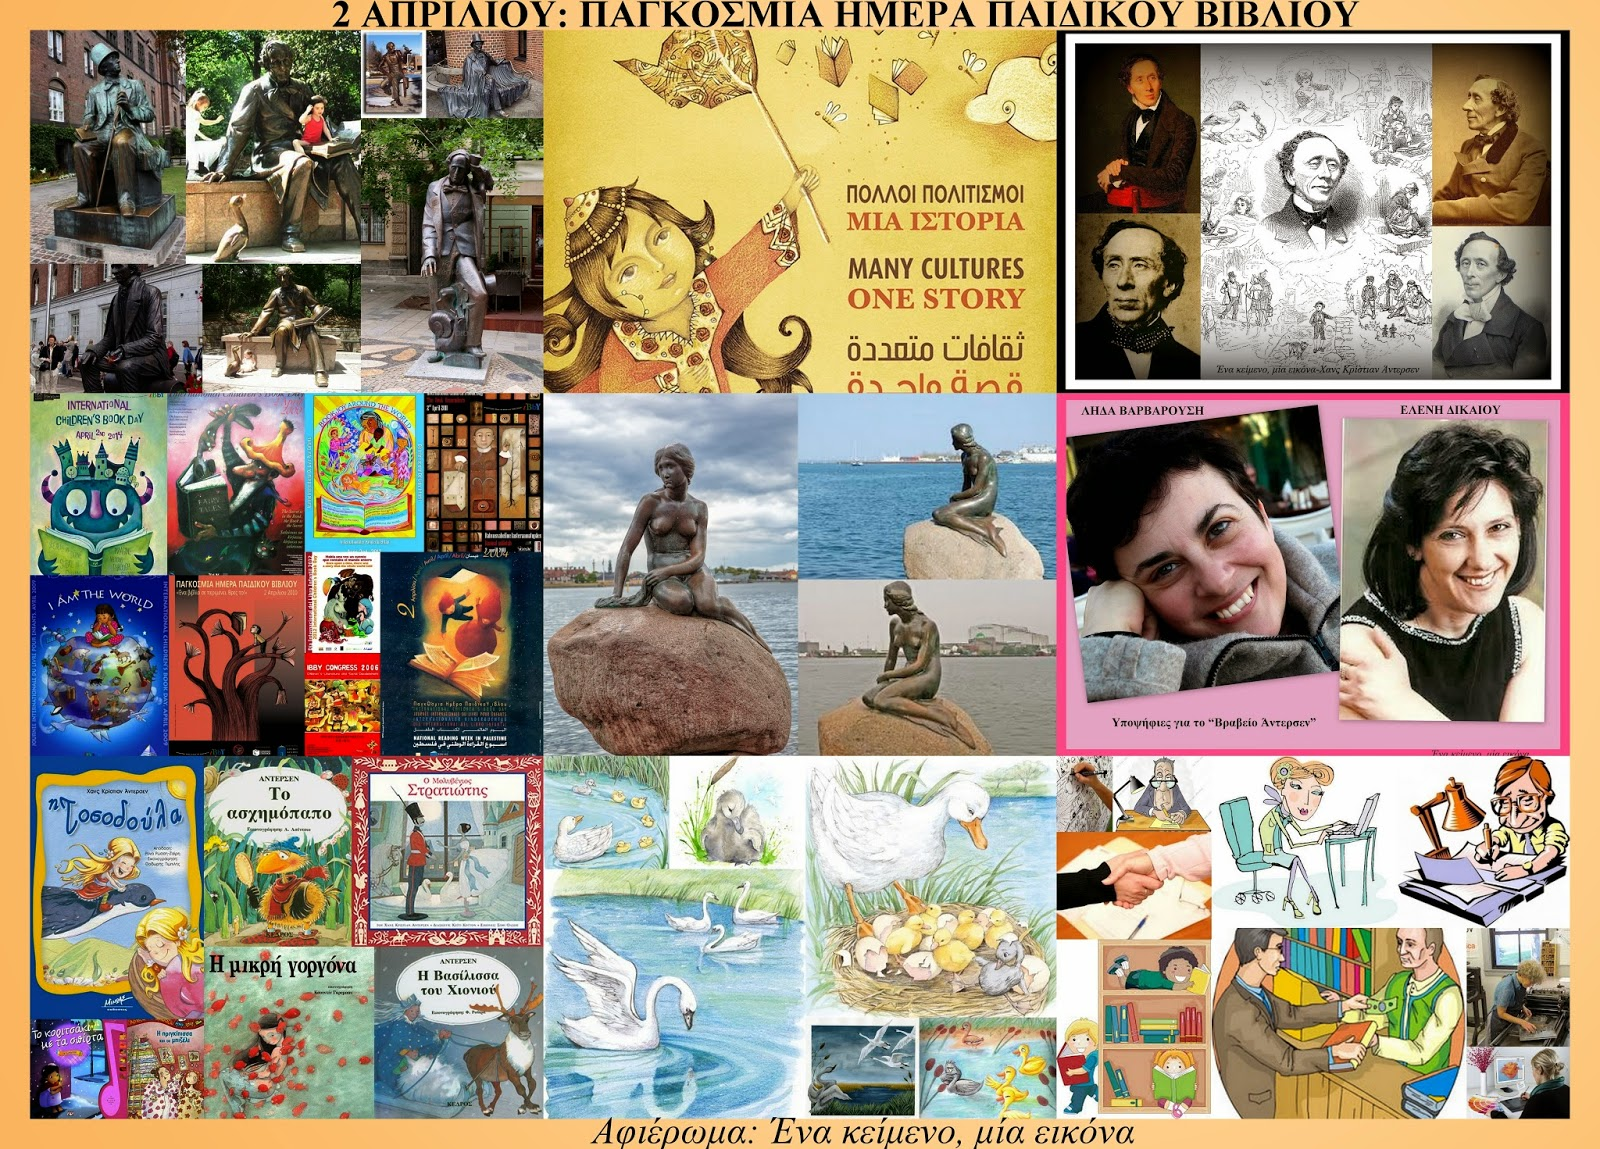 2 Απριλίου  Παγκόσμια Ημέρα Παιδικού Βιβλίου (Ενδεικτικό κείμενο και  δράσεις που ακολουθήσαμε στο δημοτικό σχολείο Λεβαίας Φλώρινας) 5778ed3b7f8